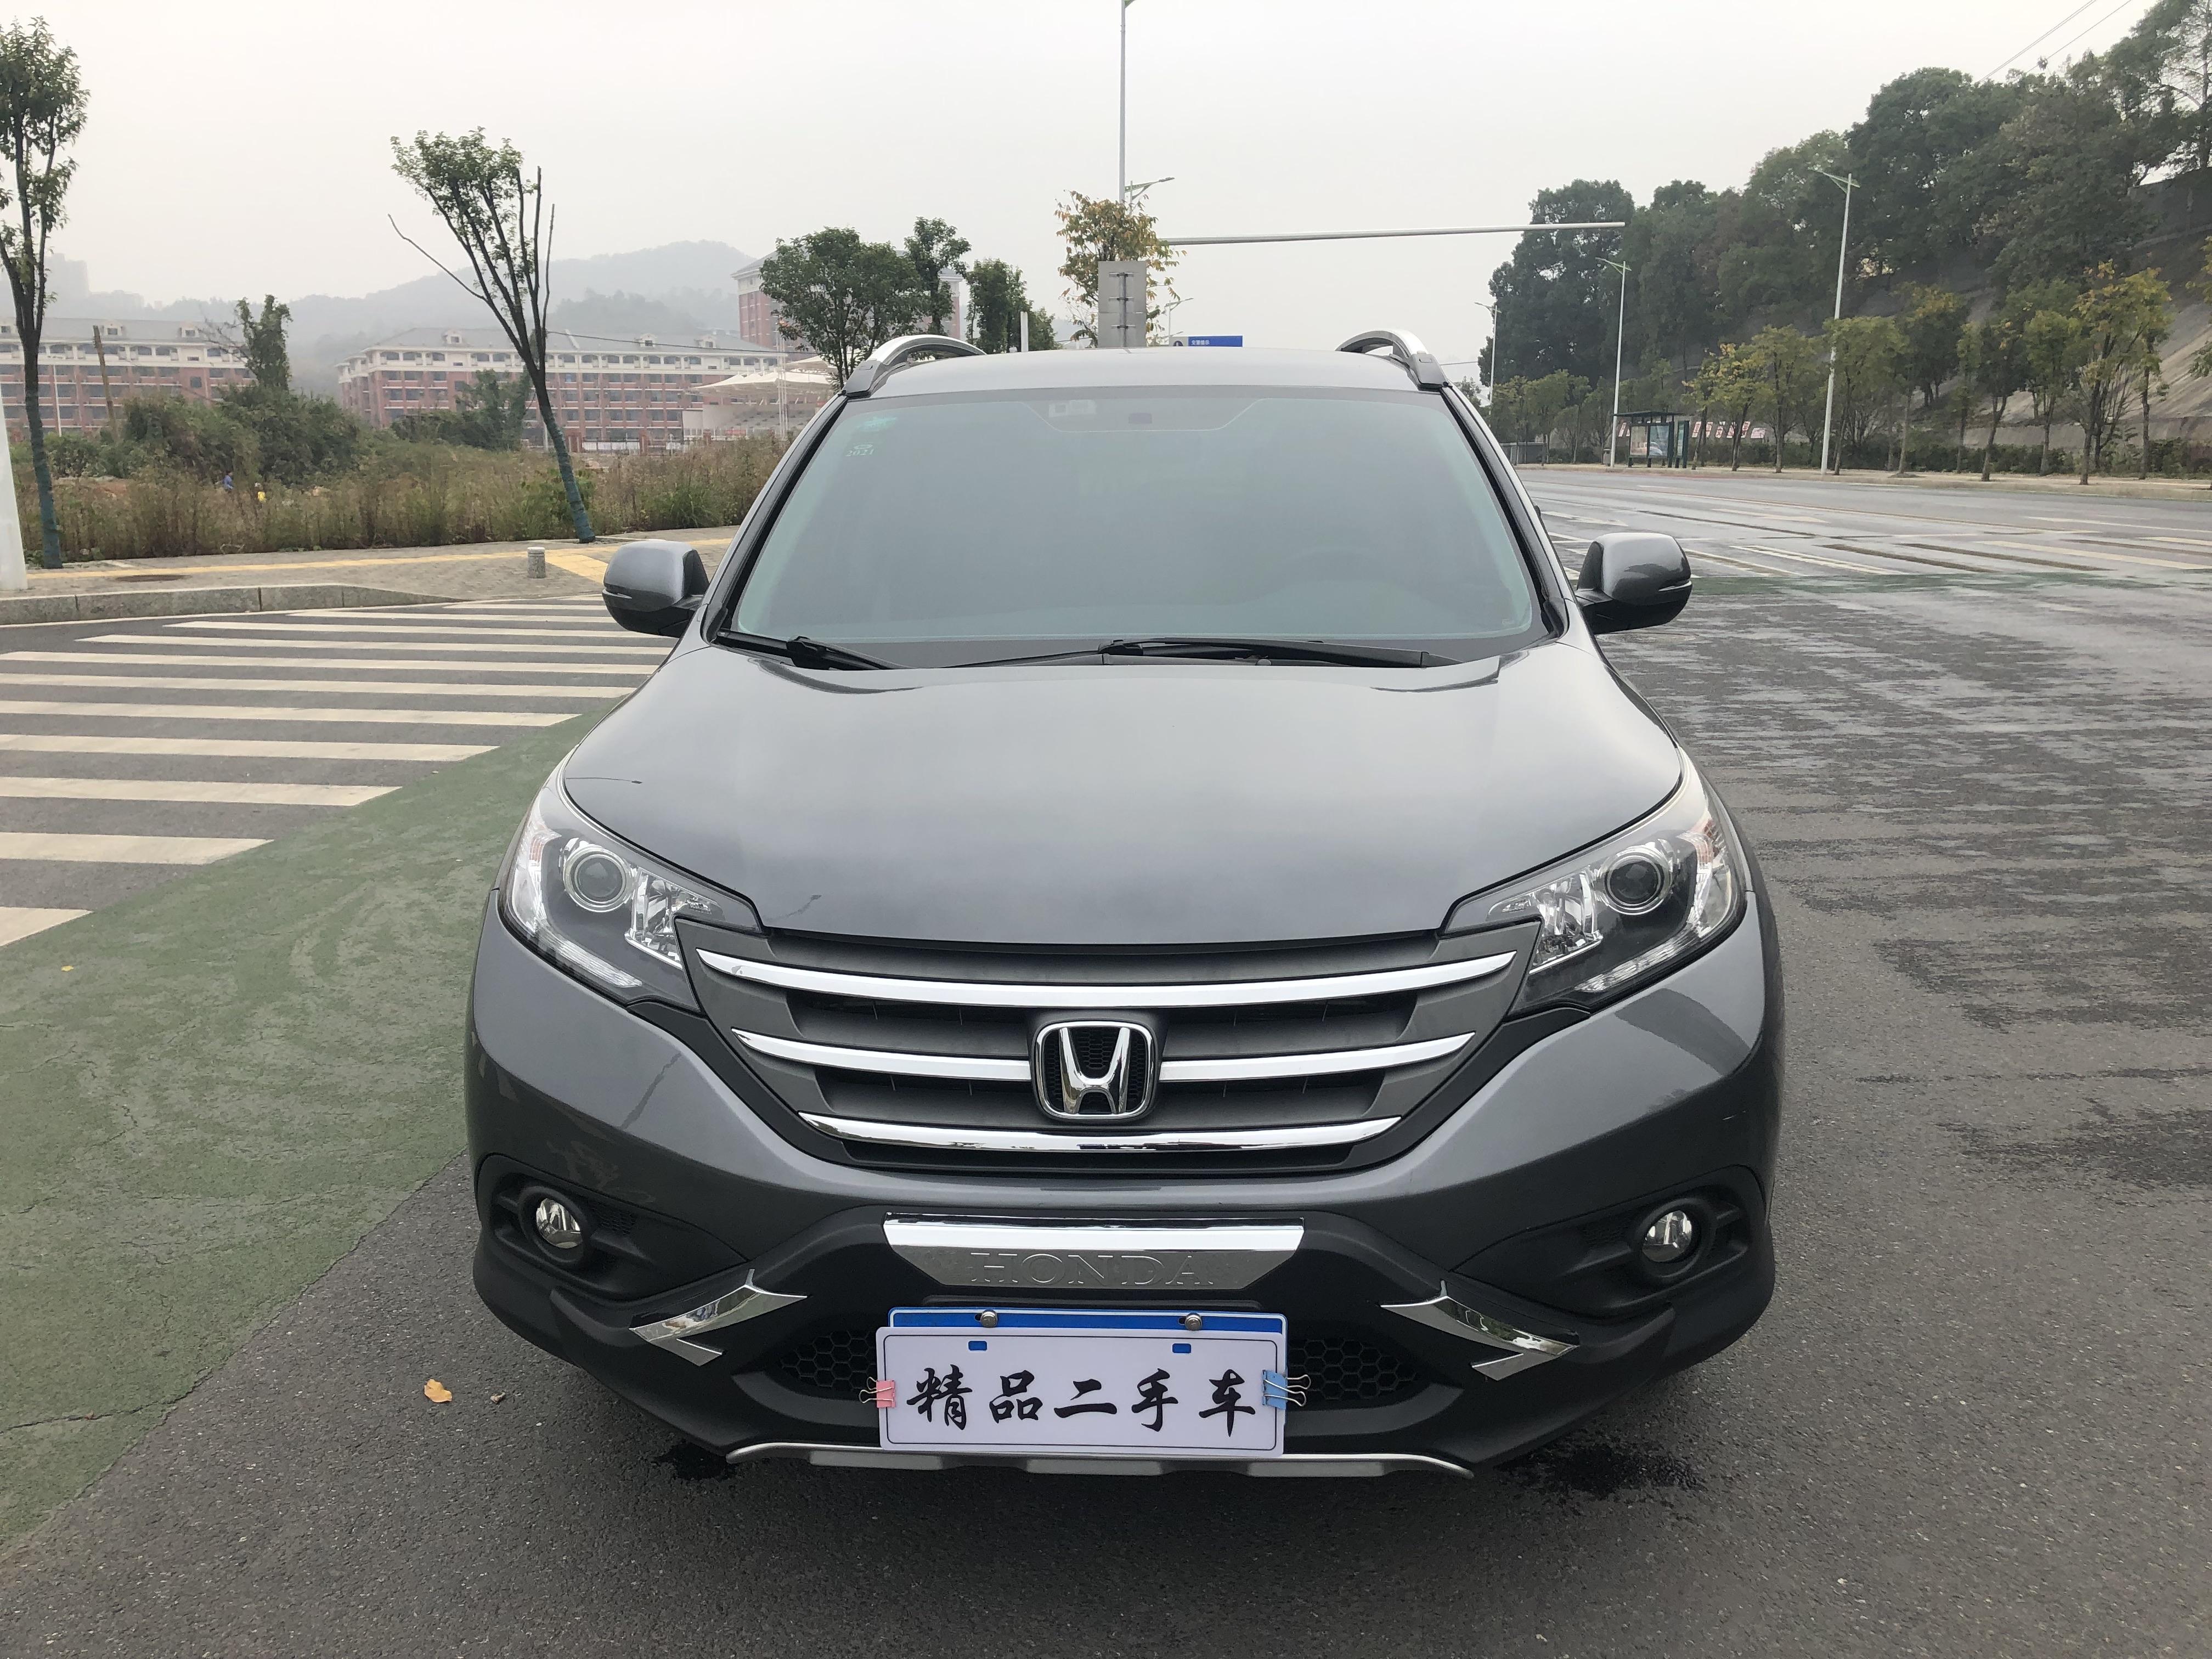 【三联名车】出售一台2015年本田Crv城市越野车私家车